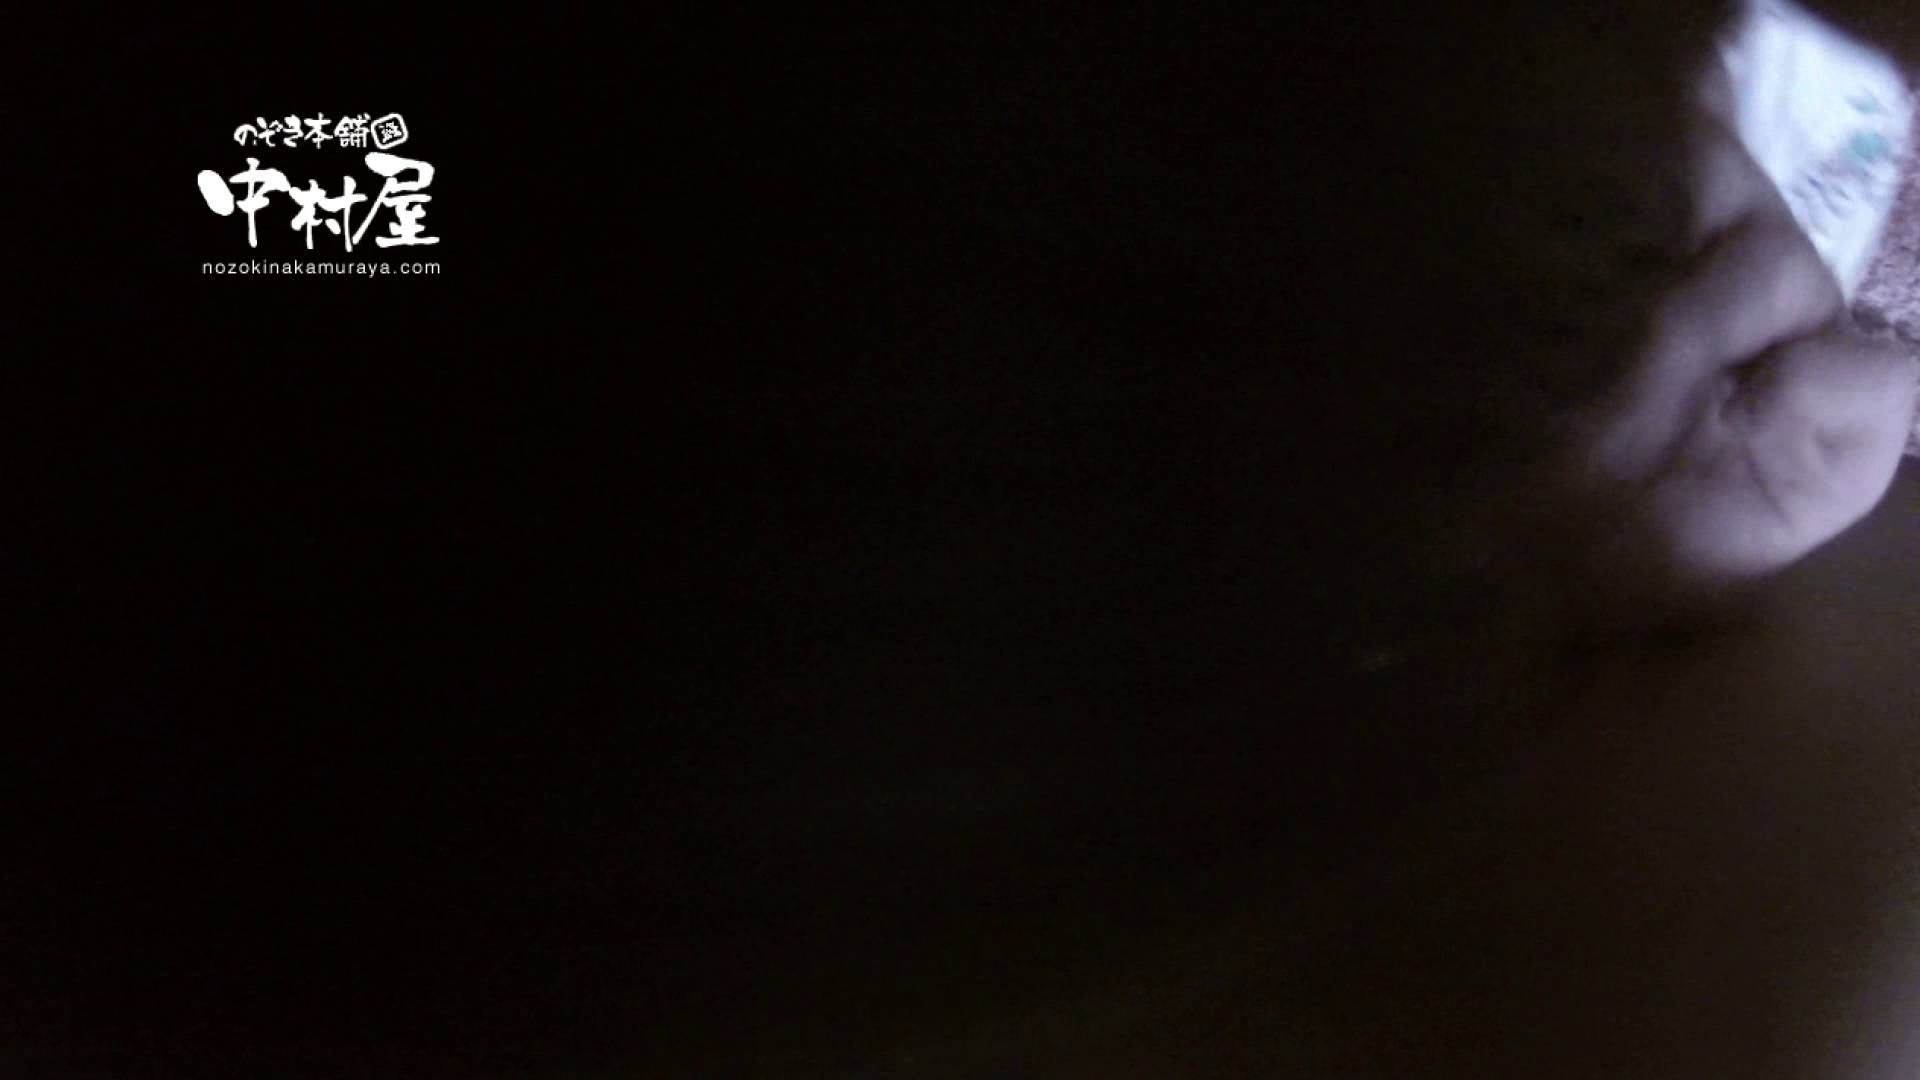 鬼畜 vol.10 あぁ無情…中出しパイパン! 前編 中出し AV無料動画キャプチャ 102枚 22